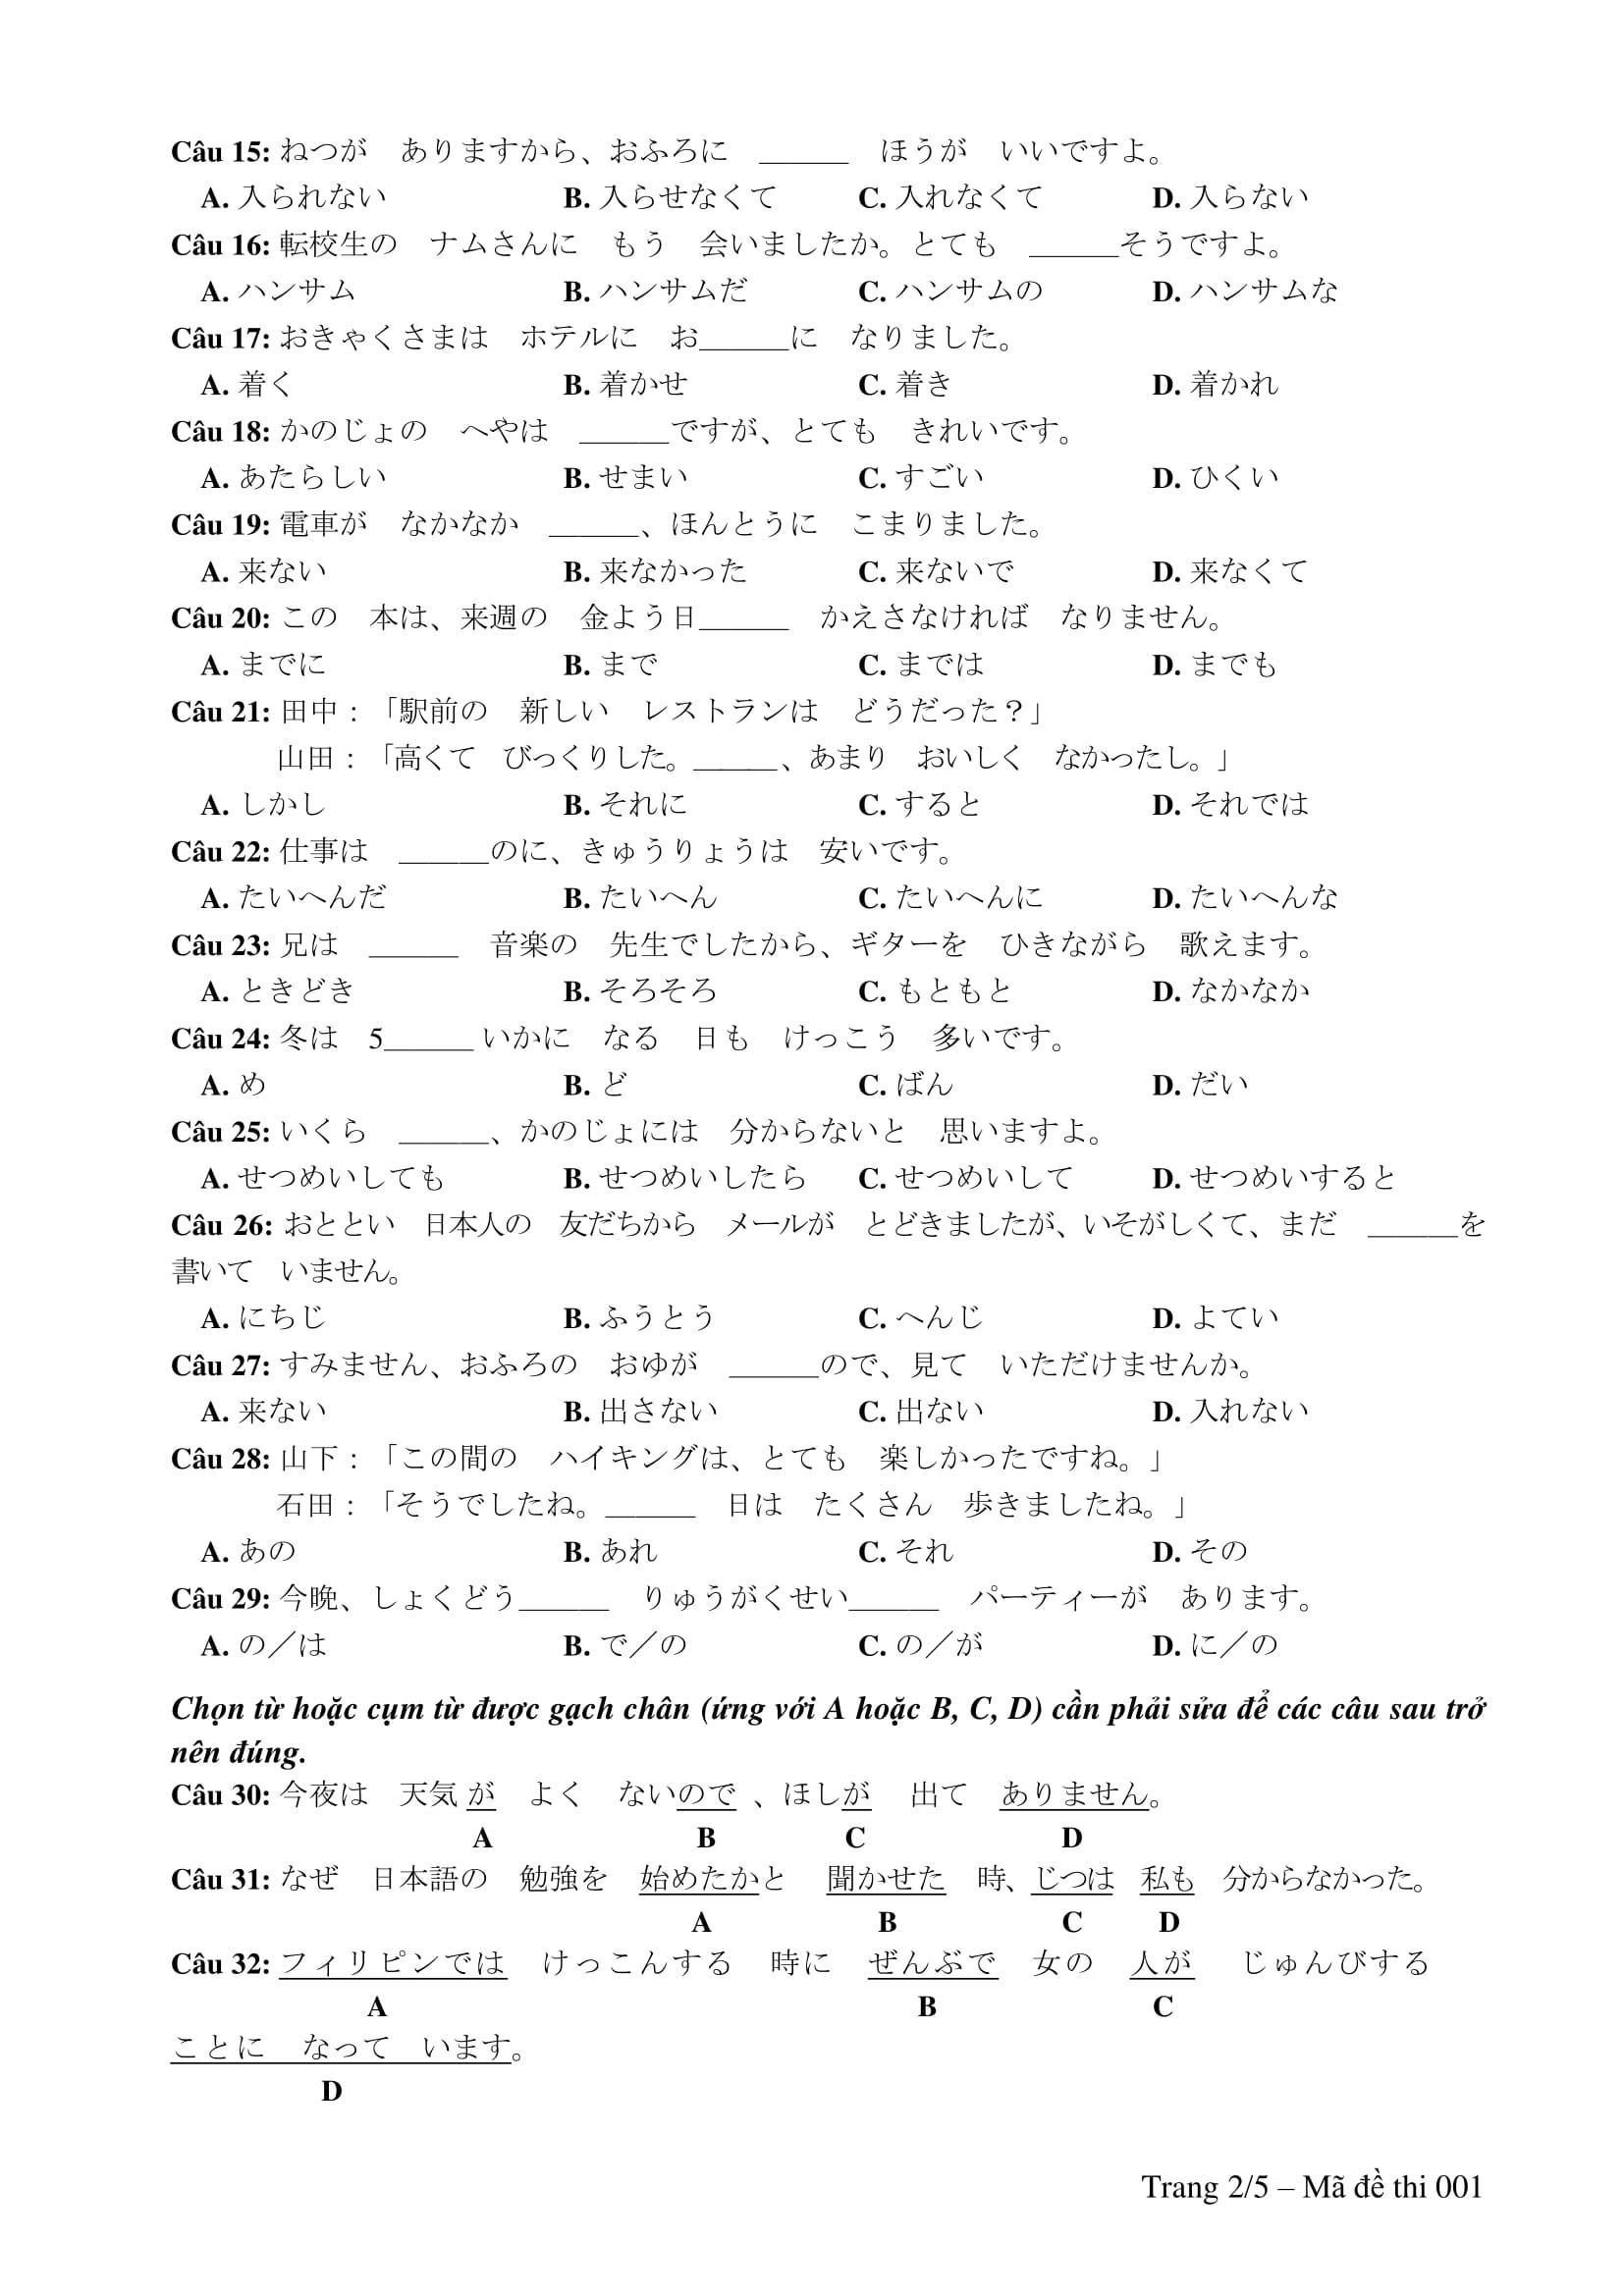 Đề thi minh hoạ THPT quốc gia năm 2019: Tiếng Nhật - Ảnh 2.